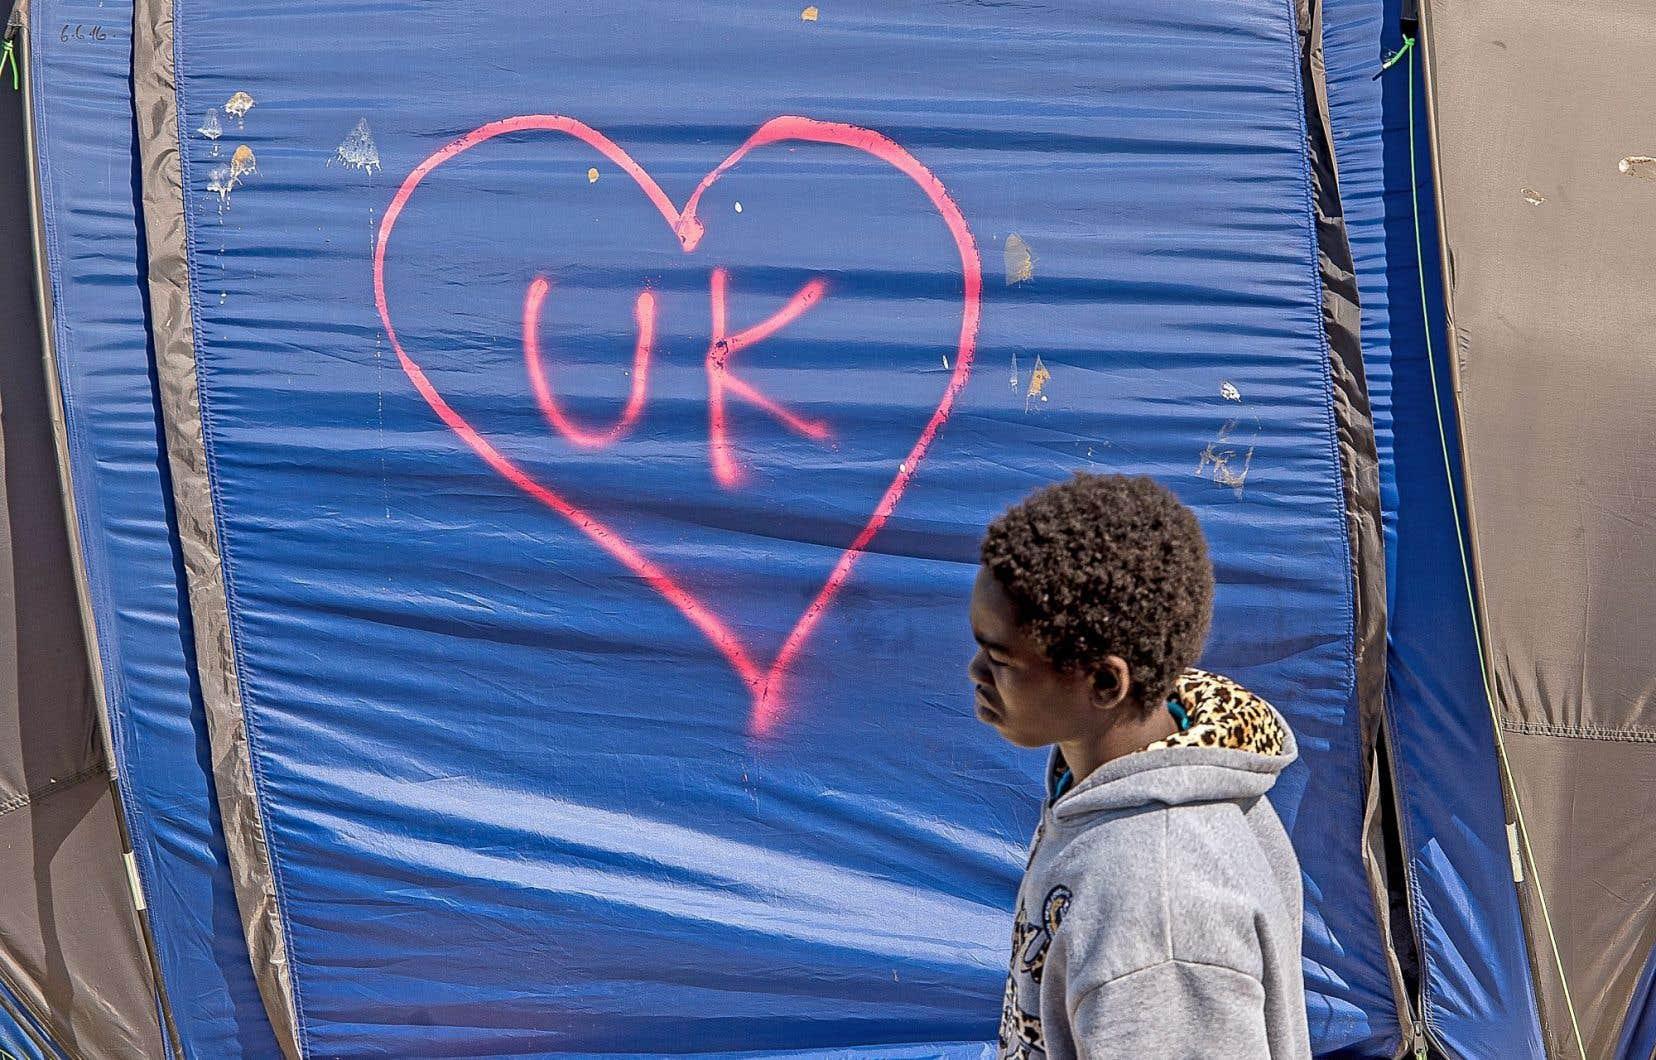 Les migrants du camp de Calais, en France, avaient affiché leurs couleurs pour le Remain. La question de l'immigration fut l'un des éléments au cœur de la campagne du référendum britannique.